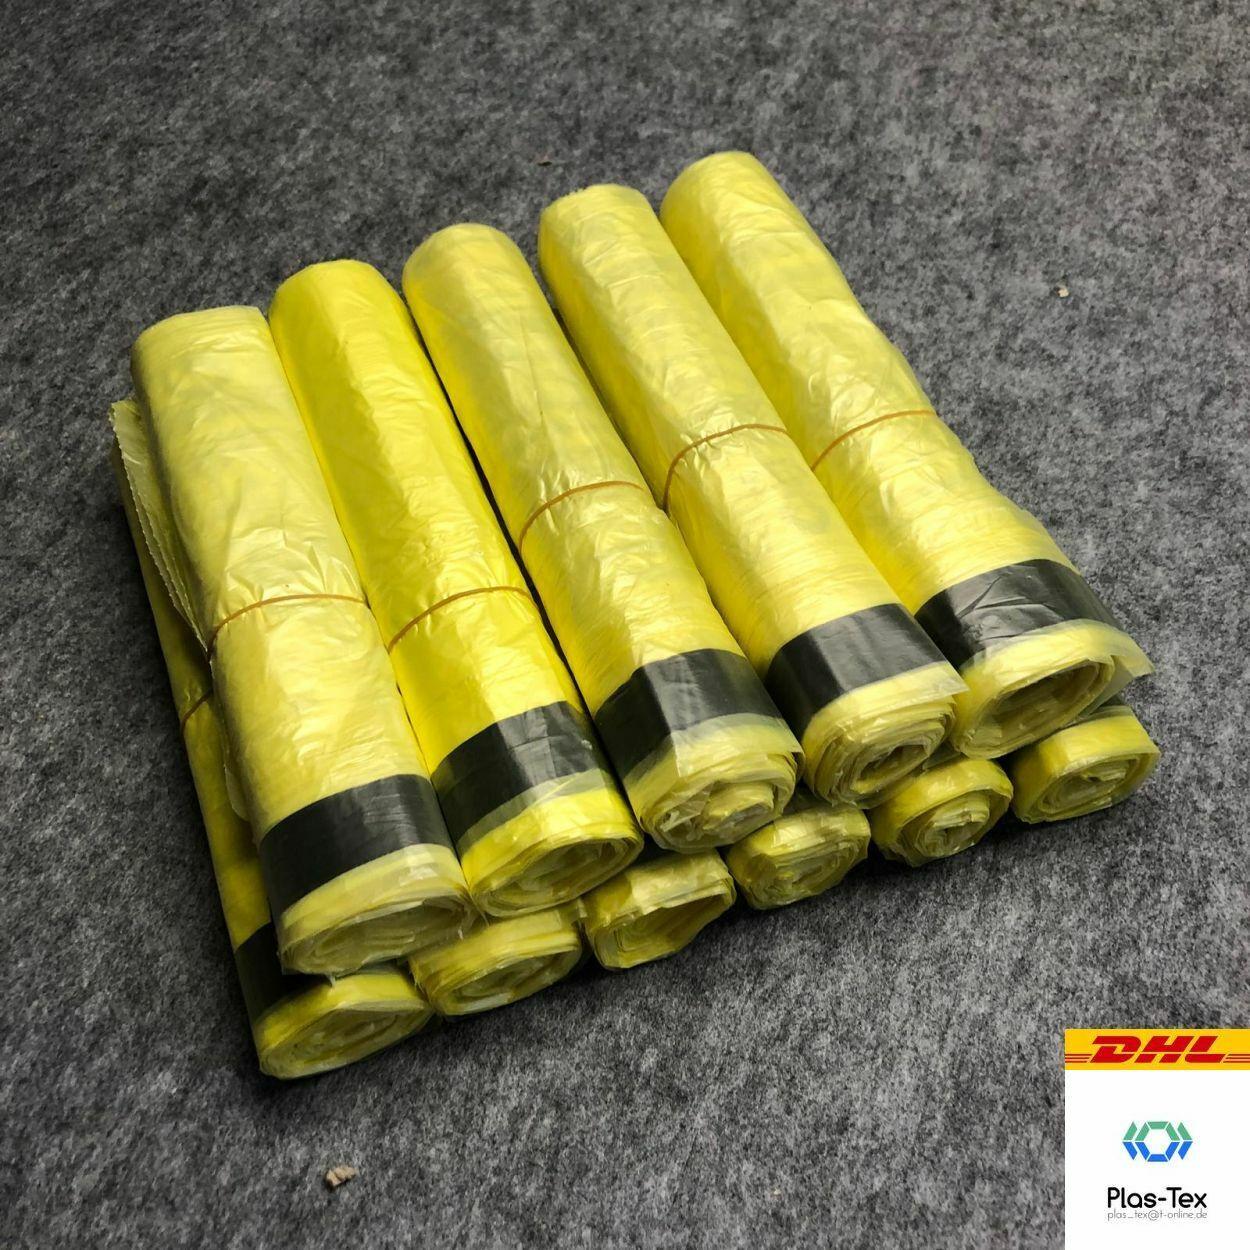 Gelber Sack Müllbeutel Gelbe Säcke Müllsack mit Zugband - bis 100 Rollen